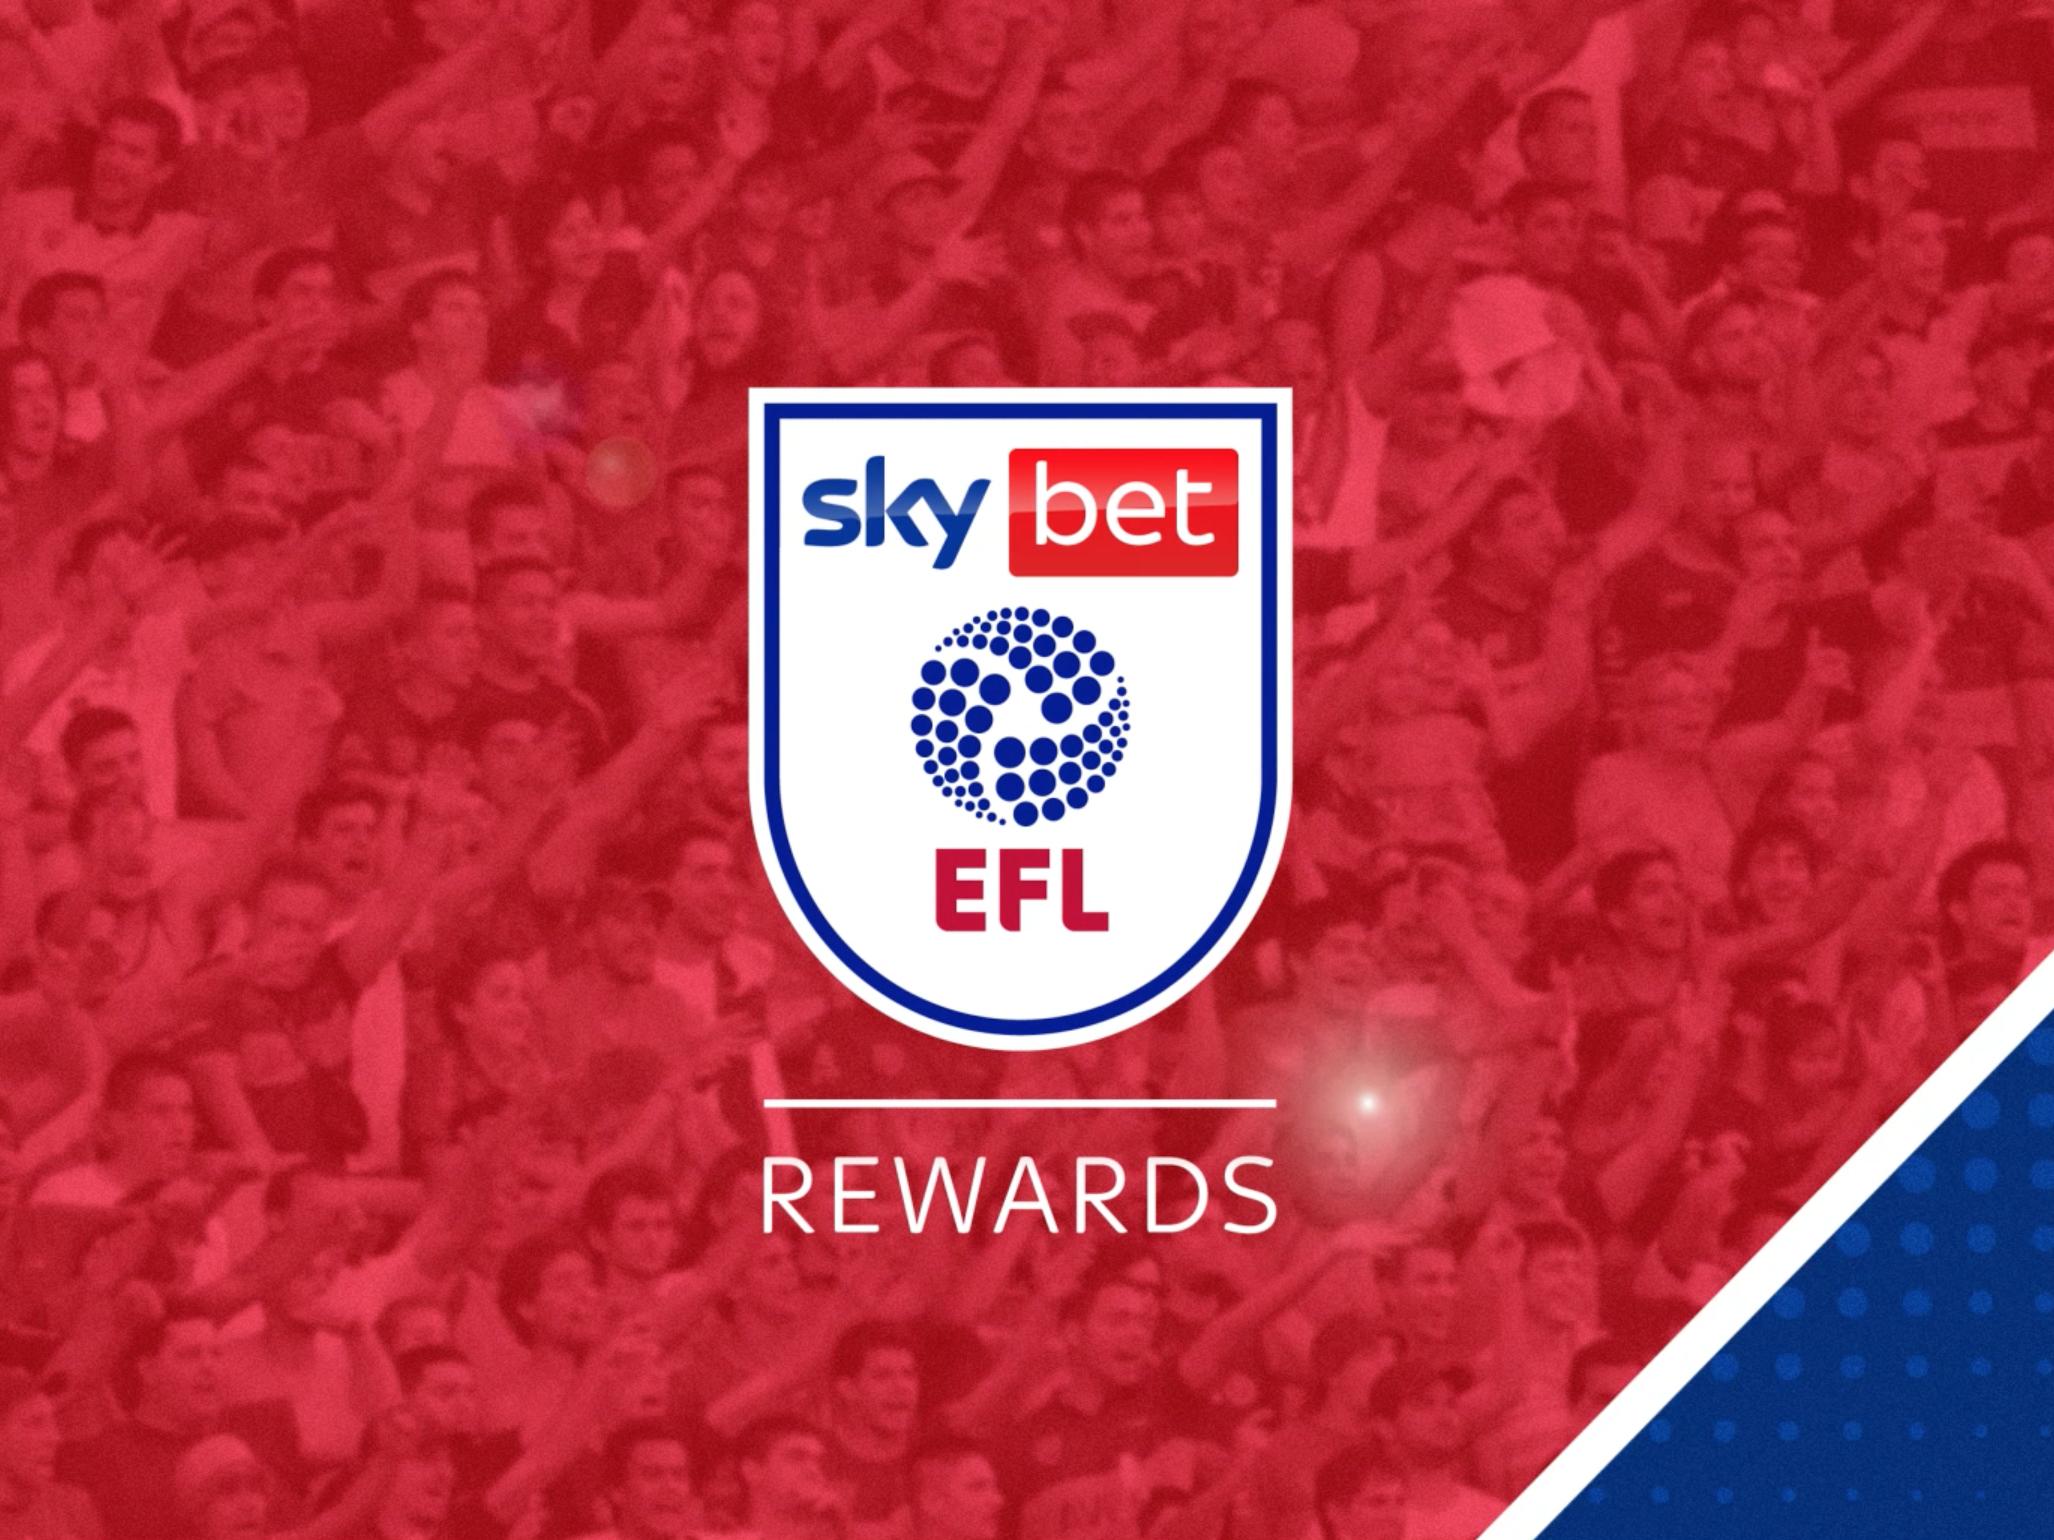 Sky Bet Rewards